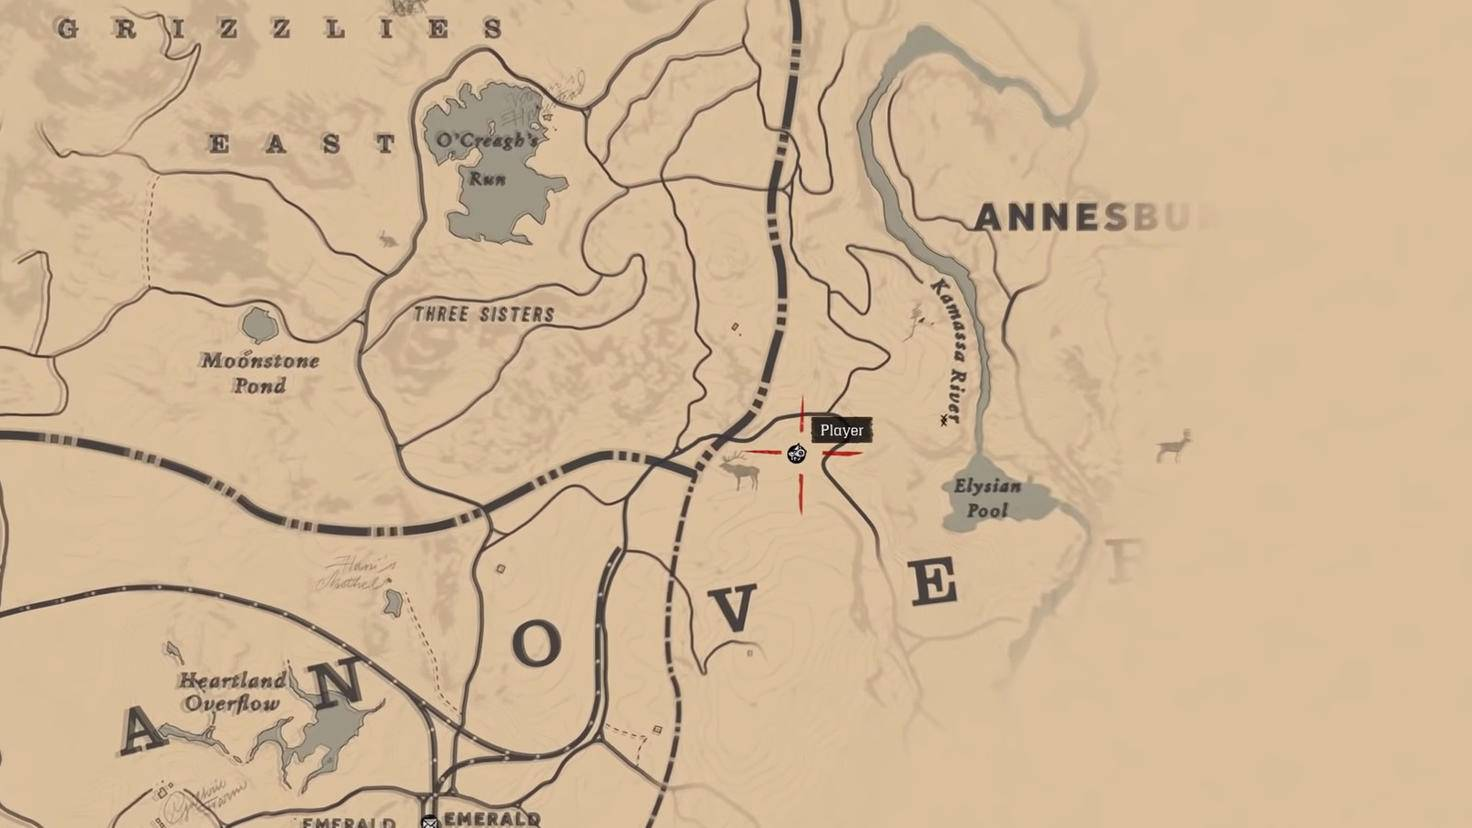 Red Dead Redemption 2 Legendare Tiere Karte.Red Dead Redemption 2 Trapper Finden Pelze Lagern Verkaufen